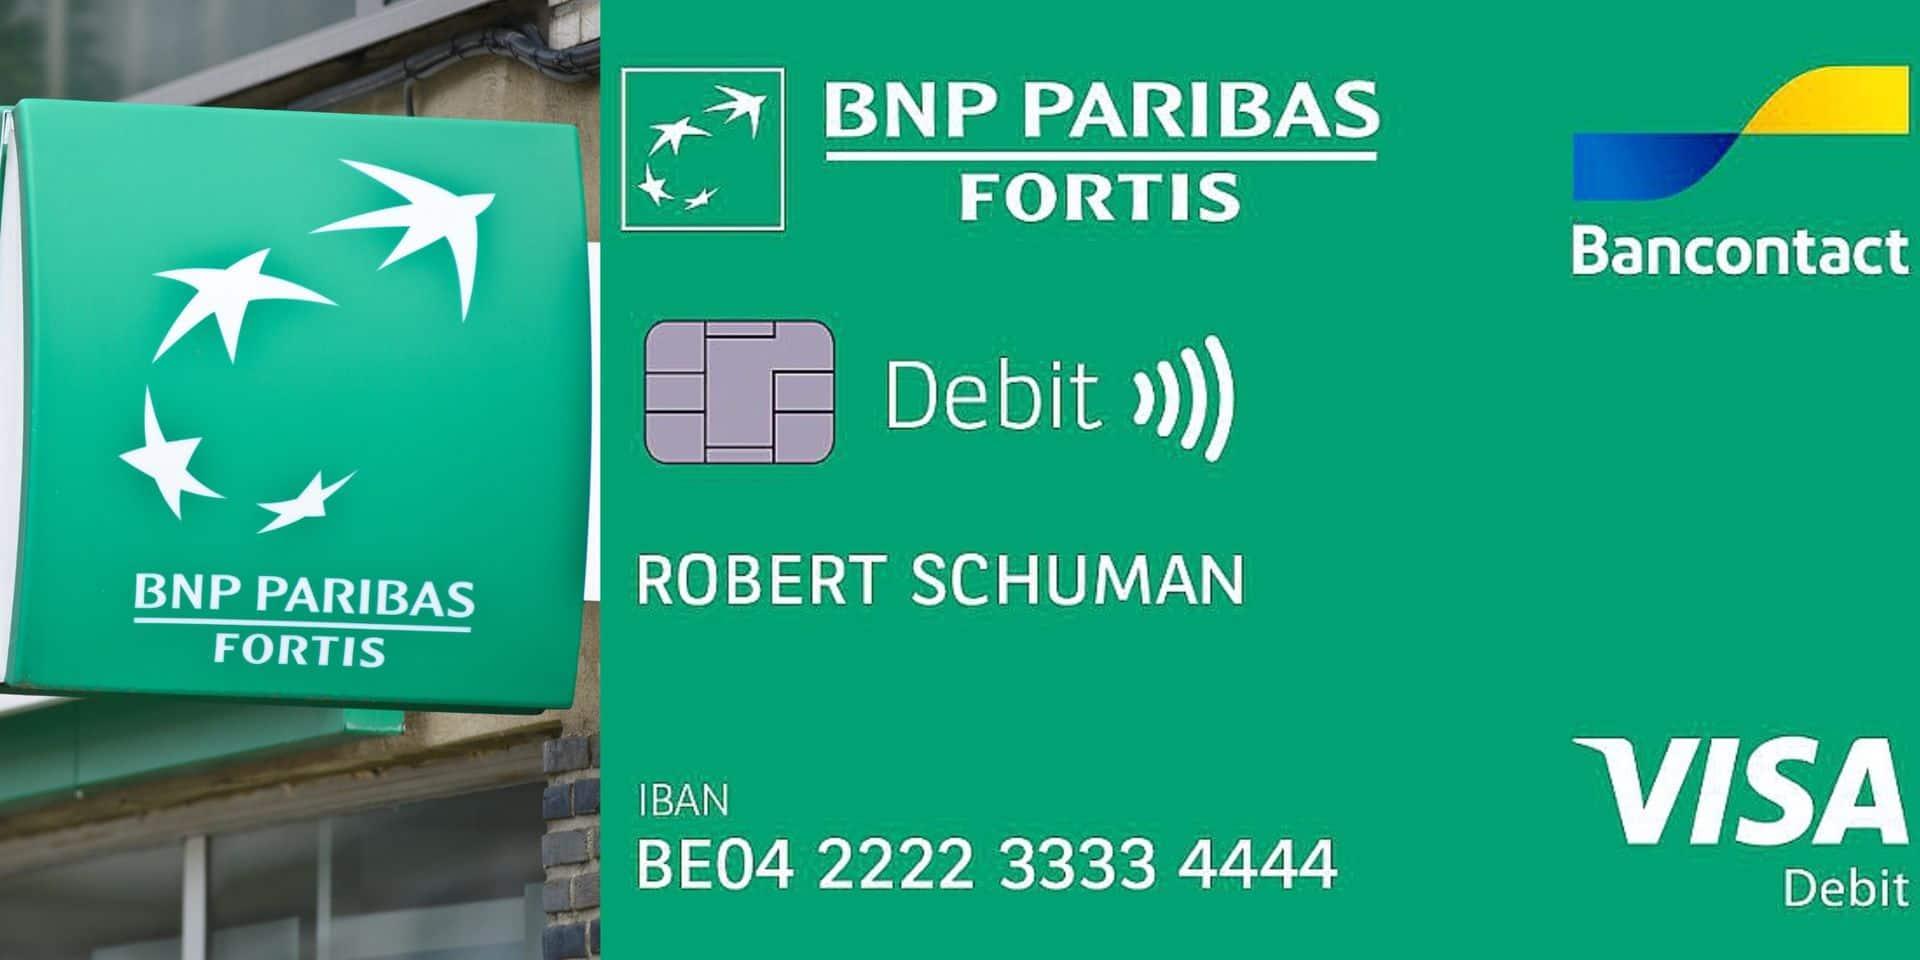 """BNP Paribas Fortis lance la """"Visa Debit"""", la carte de débit """"la plus acceptée au monde"""""""